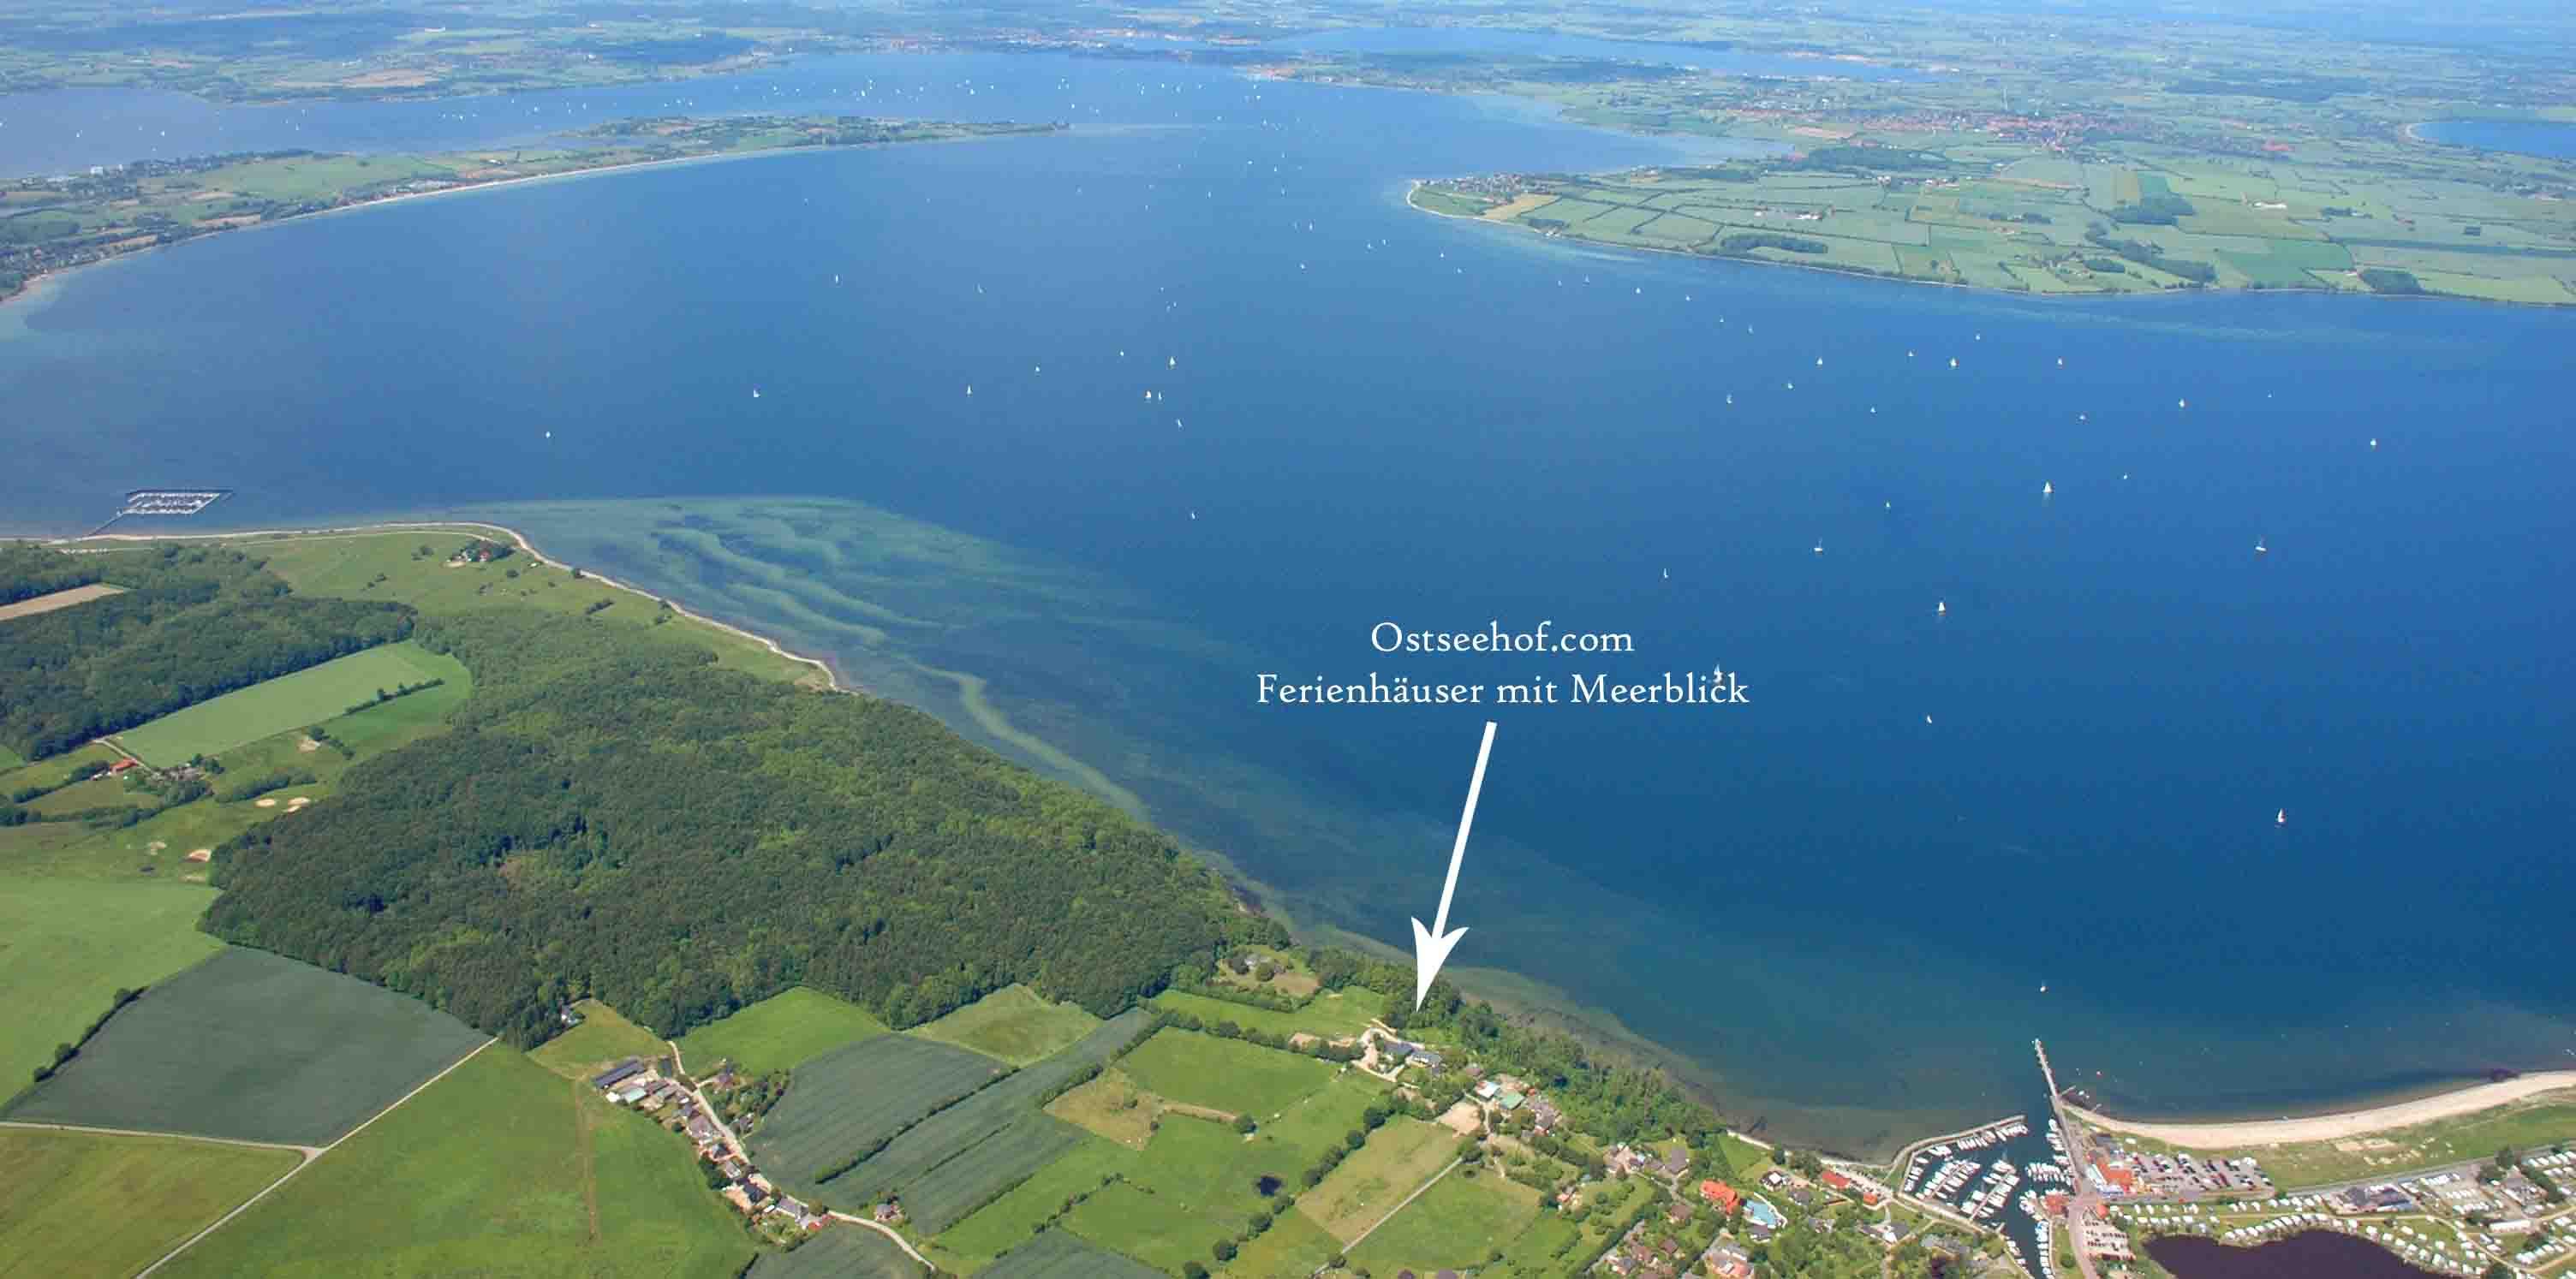 Luftbild Ostseehof an der Flensburger Förde